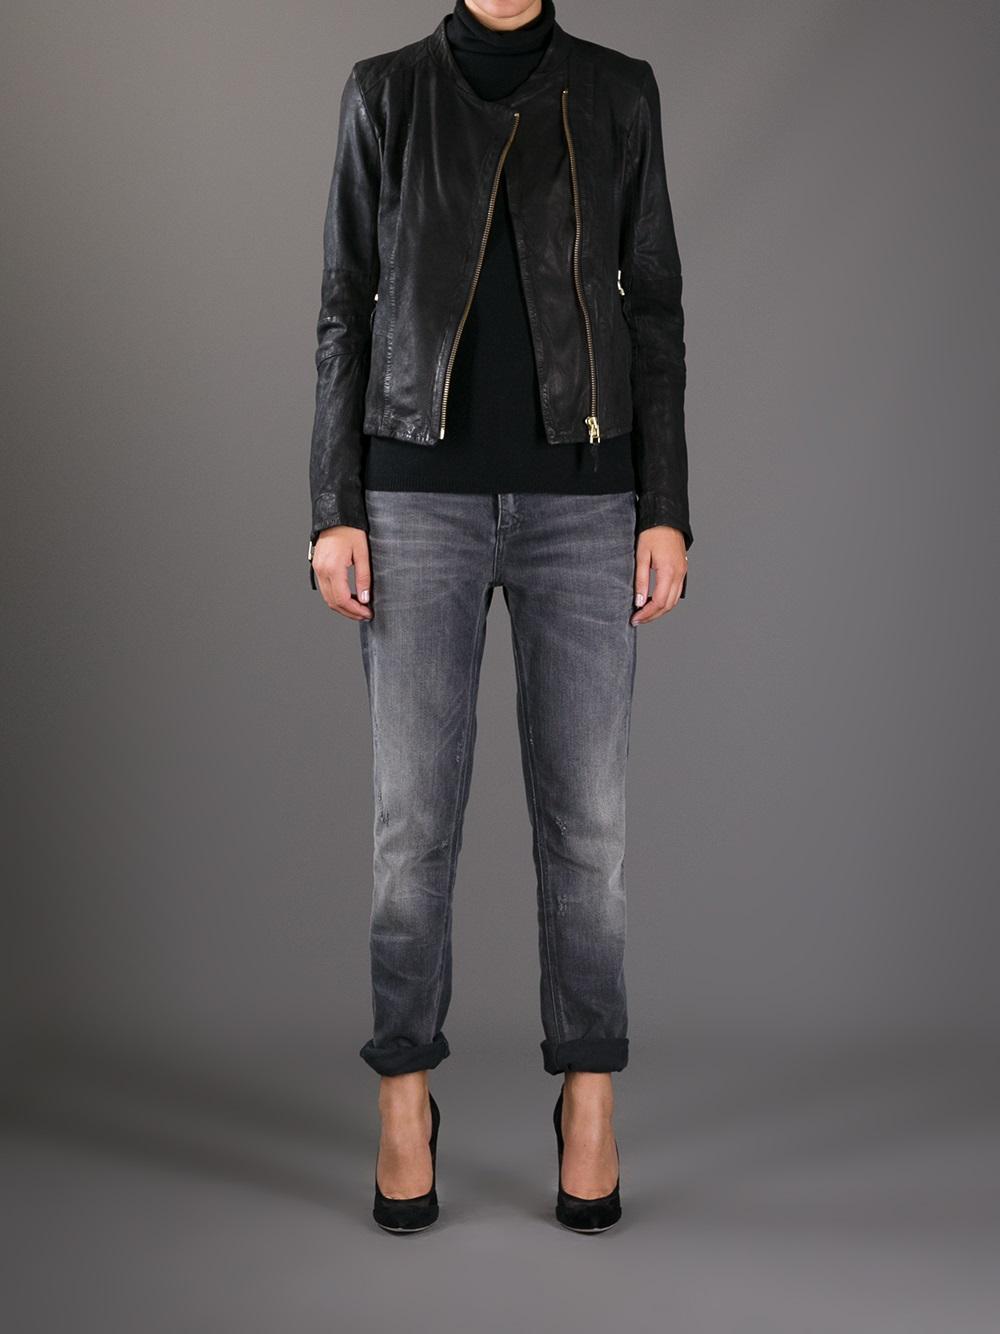 lyst day birger et mikkelsen flore leather jacket in black. Black Bedroom Furniture Sets. Home Design Ideas